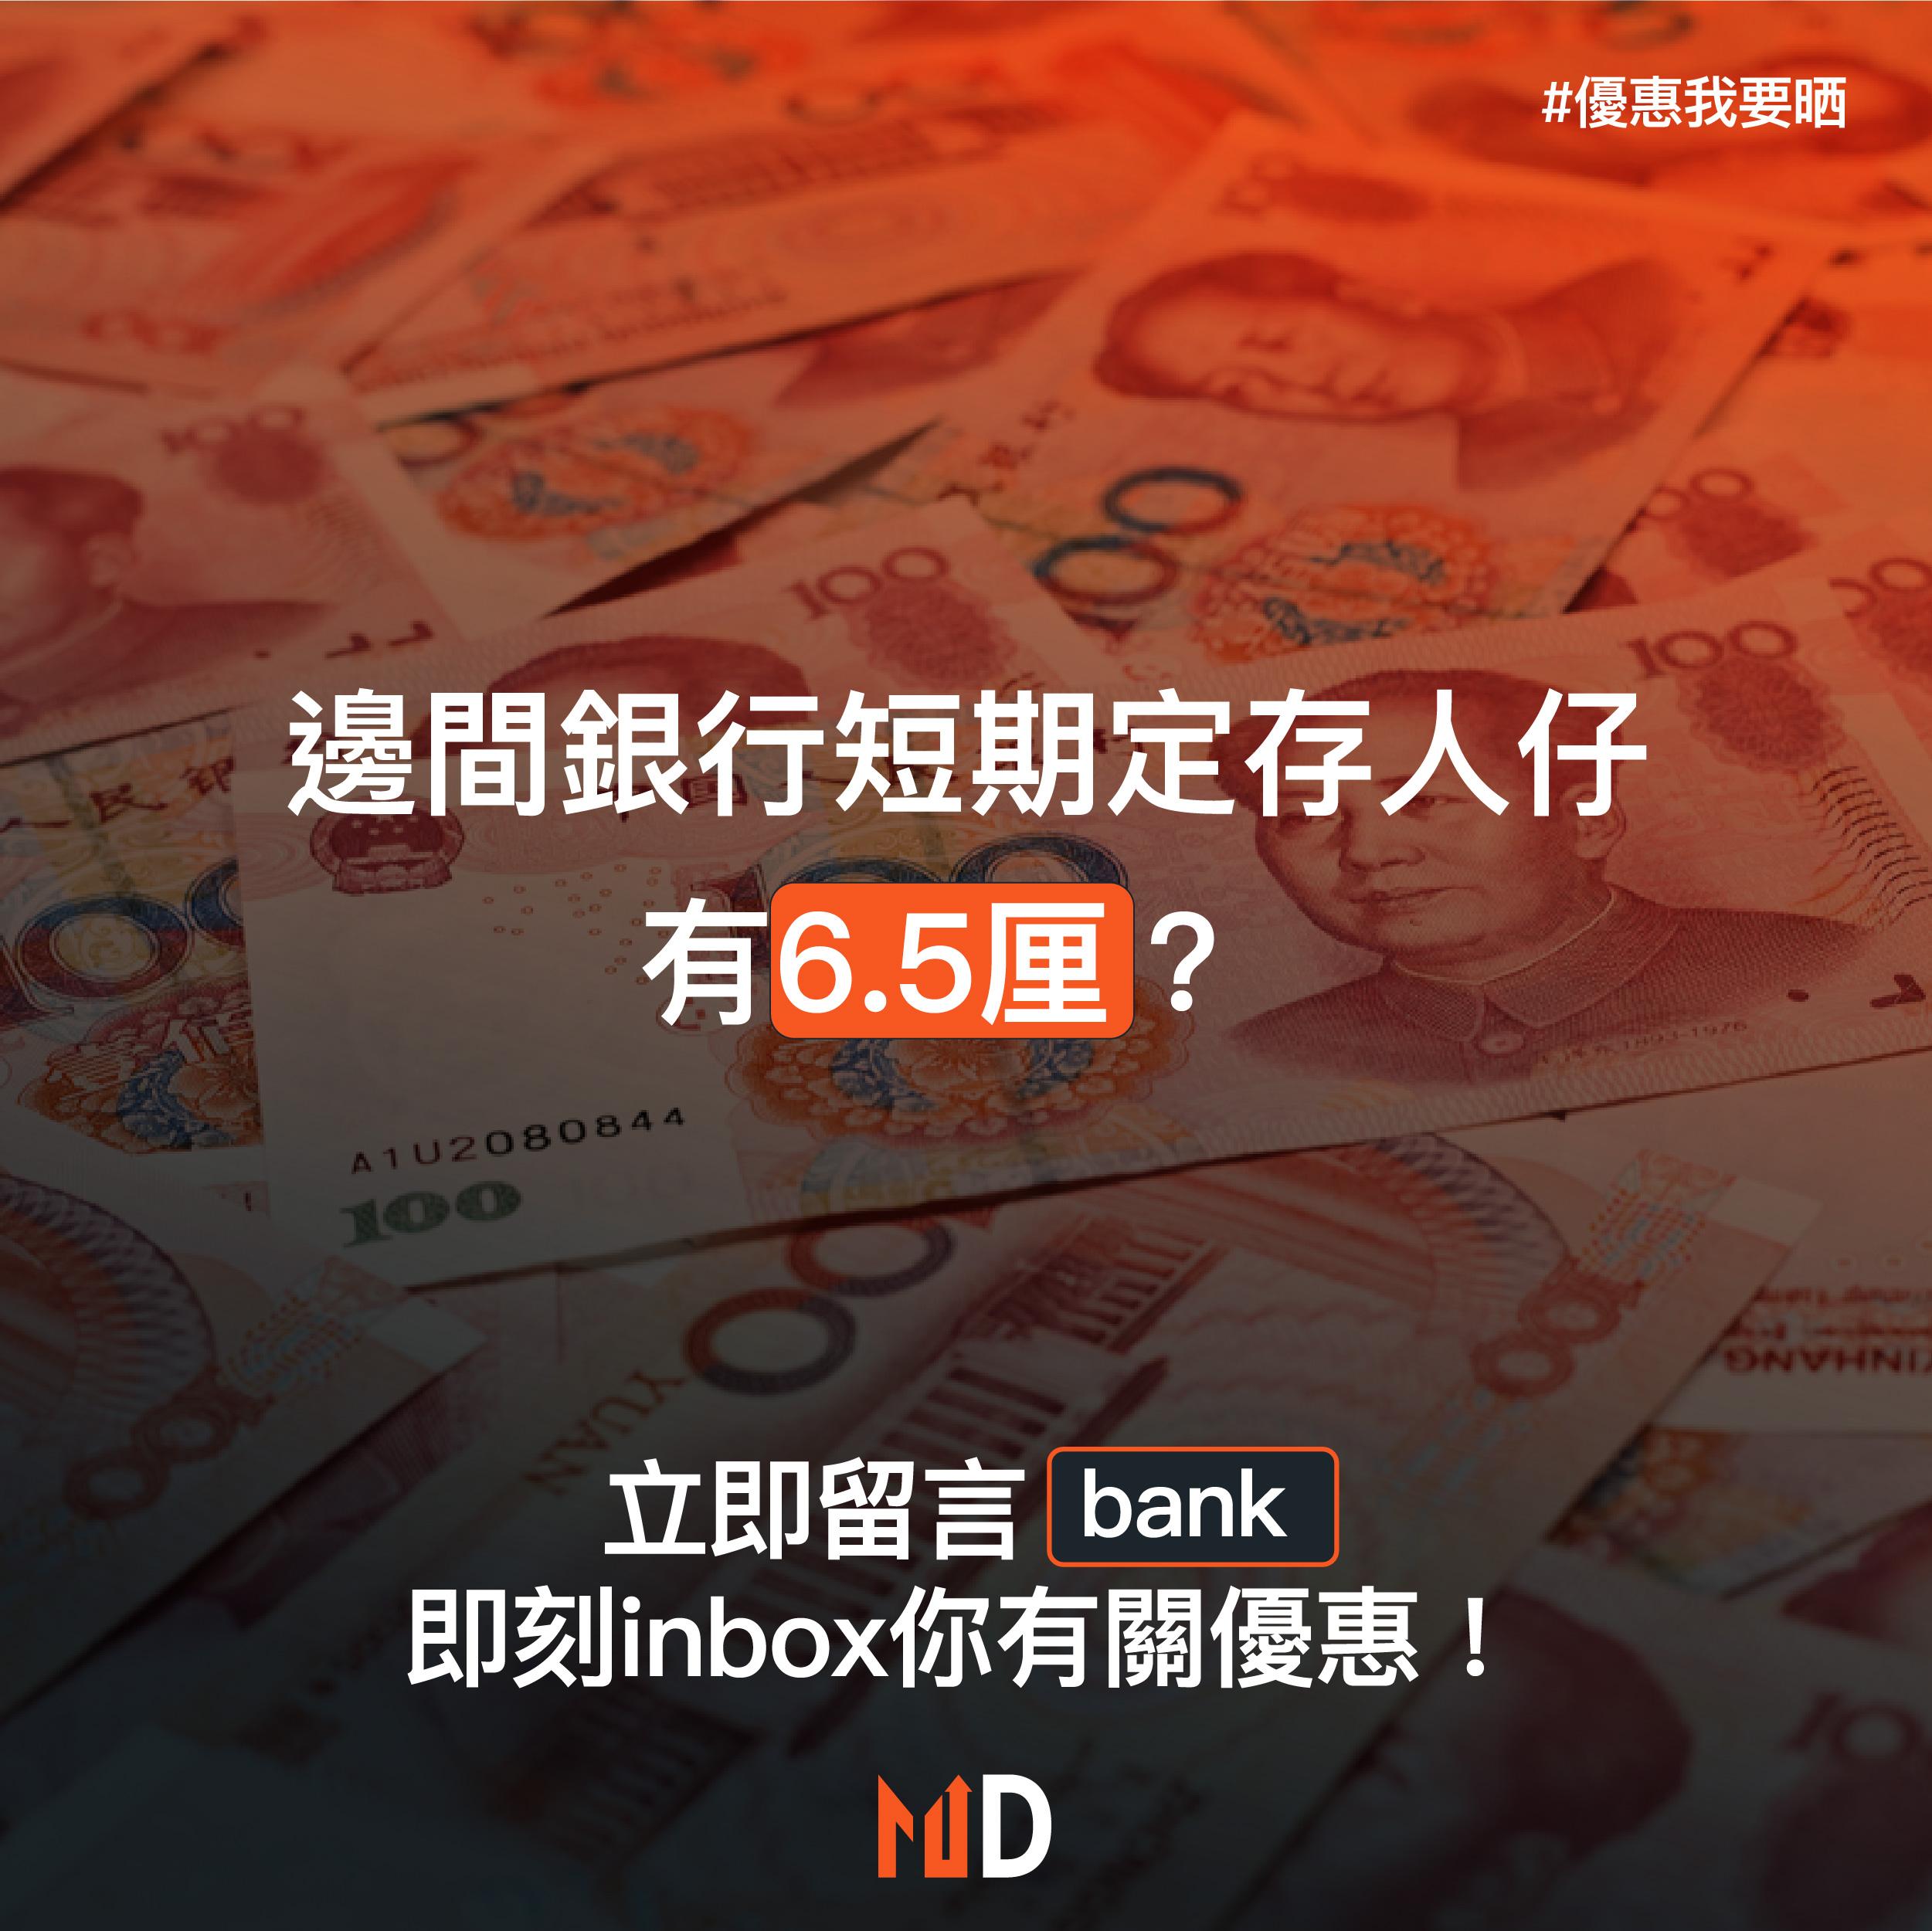 【優惠我要晒】邊間銀行短期定存人仔有6.5厘?